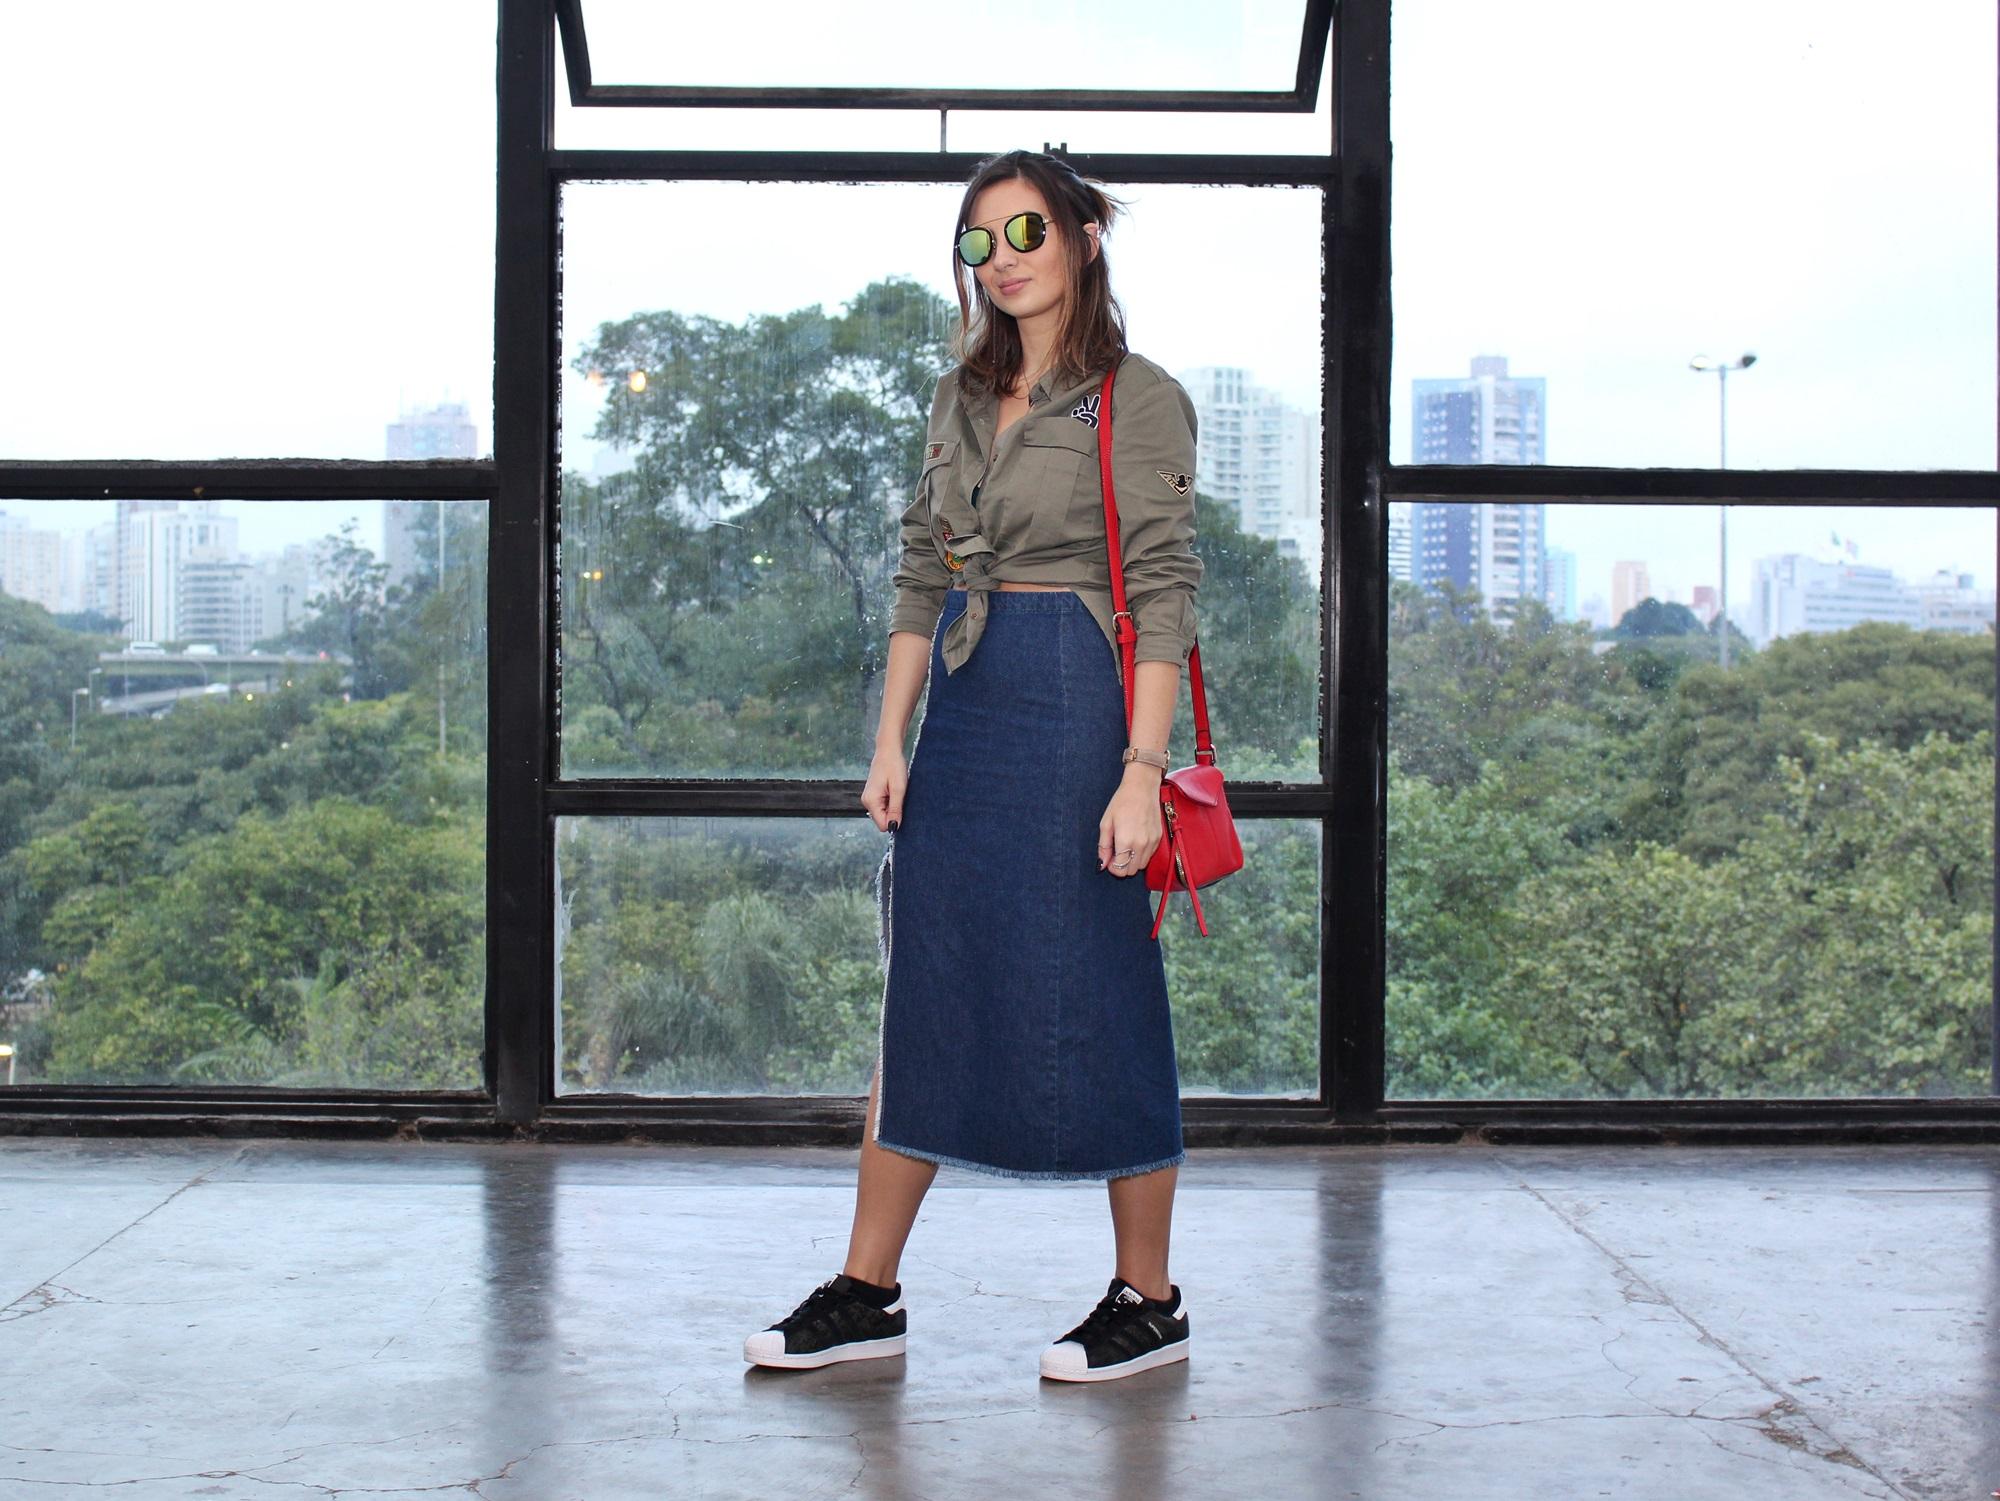 SPFW-N41-street-style-saia-jeans-jaqueta-patches-leboh-blog-van-duarte-1